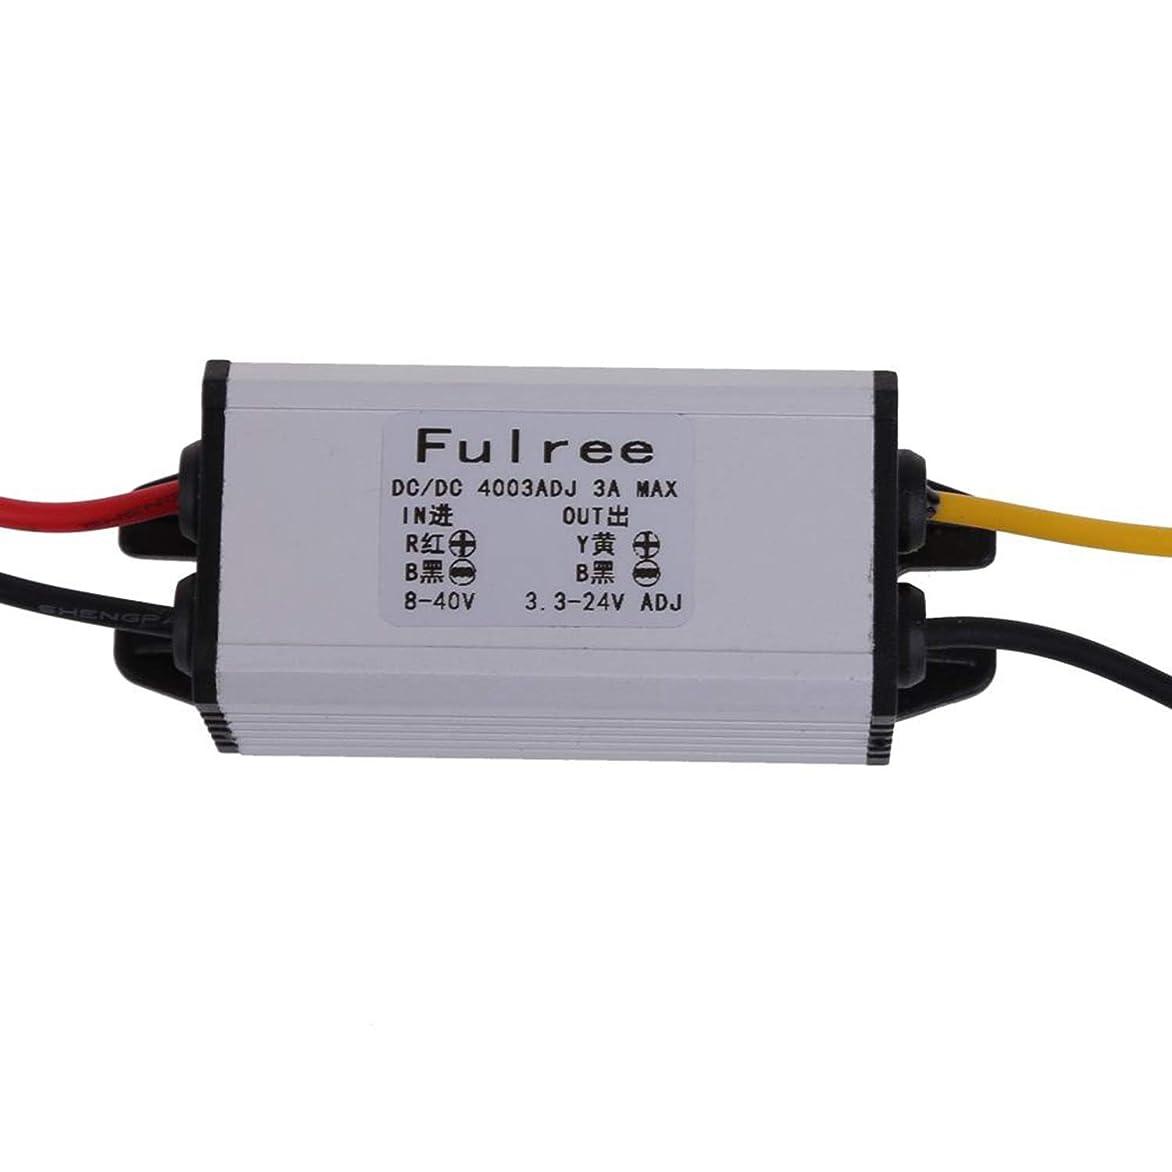 グレード効能非アクティブFulree DCバックコンバータ DC電源モジュール 8-40V→3.3-24V 3A 降圧型?可変出力 密封防水 過電圧保護